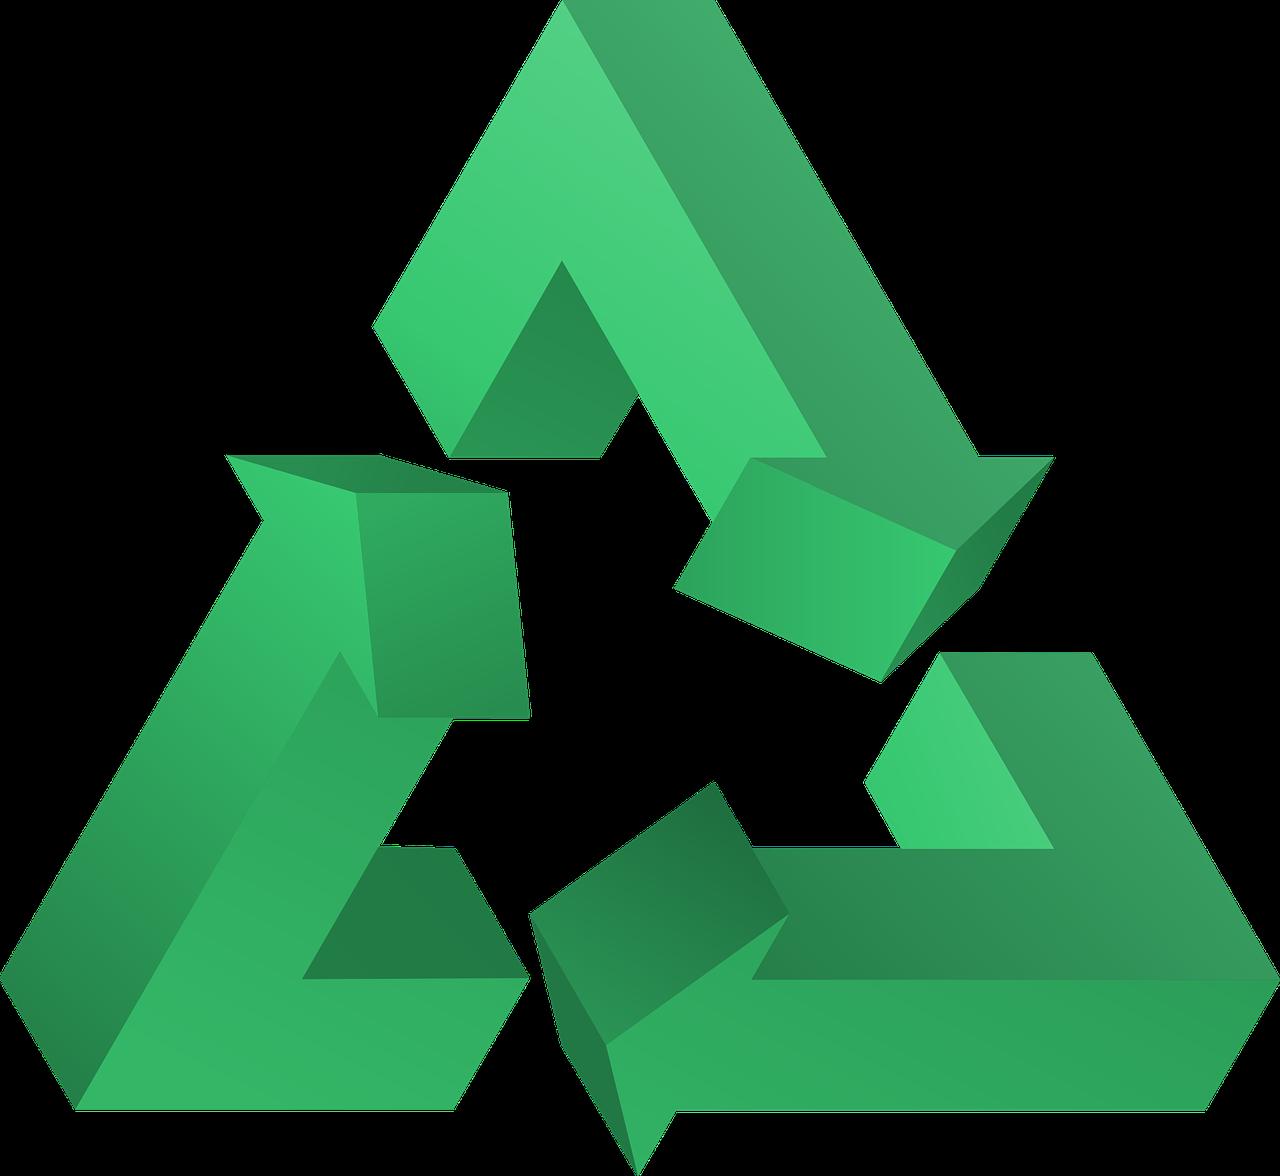 Portobello rubbish removal and waste disposal